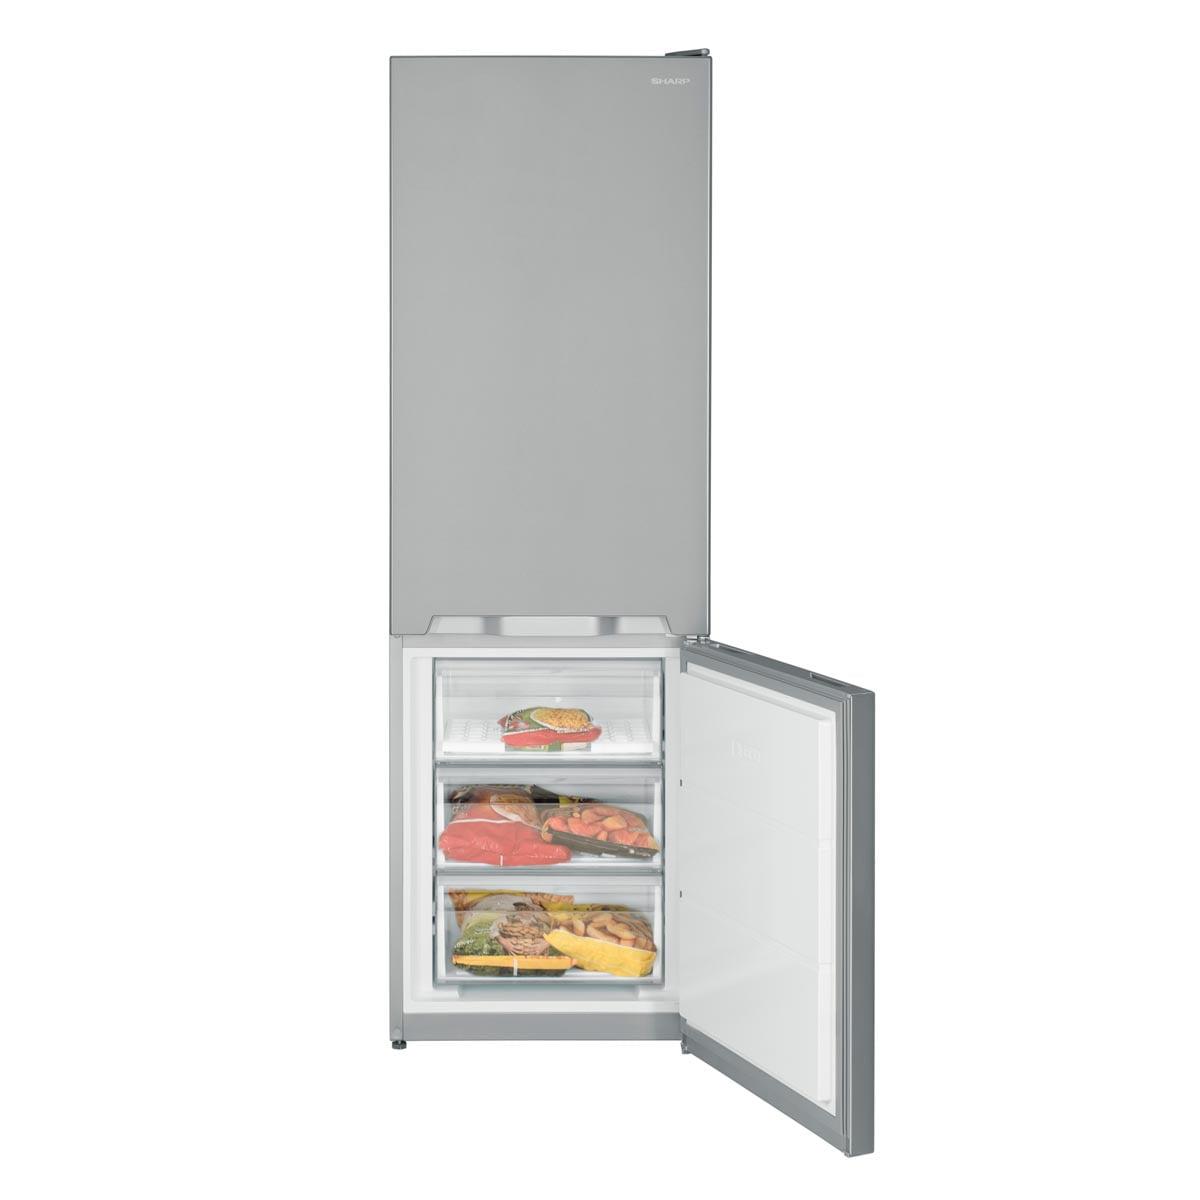 Sharp kombinovani frižider sa zamrzivačem i chiller-om od 324 litara (208+22+94) - SJ-BA10IMXI2